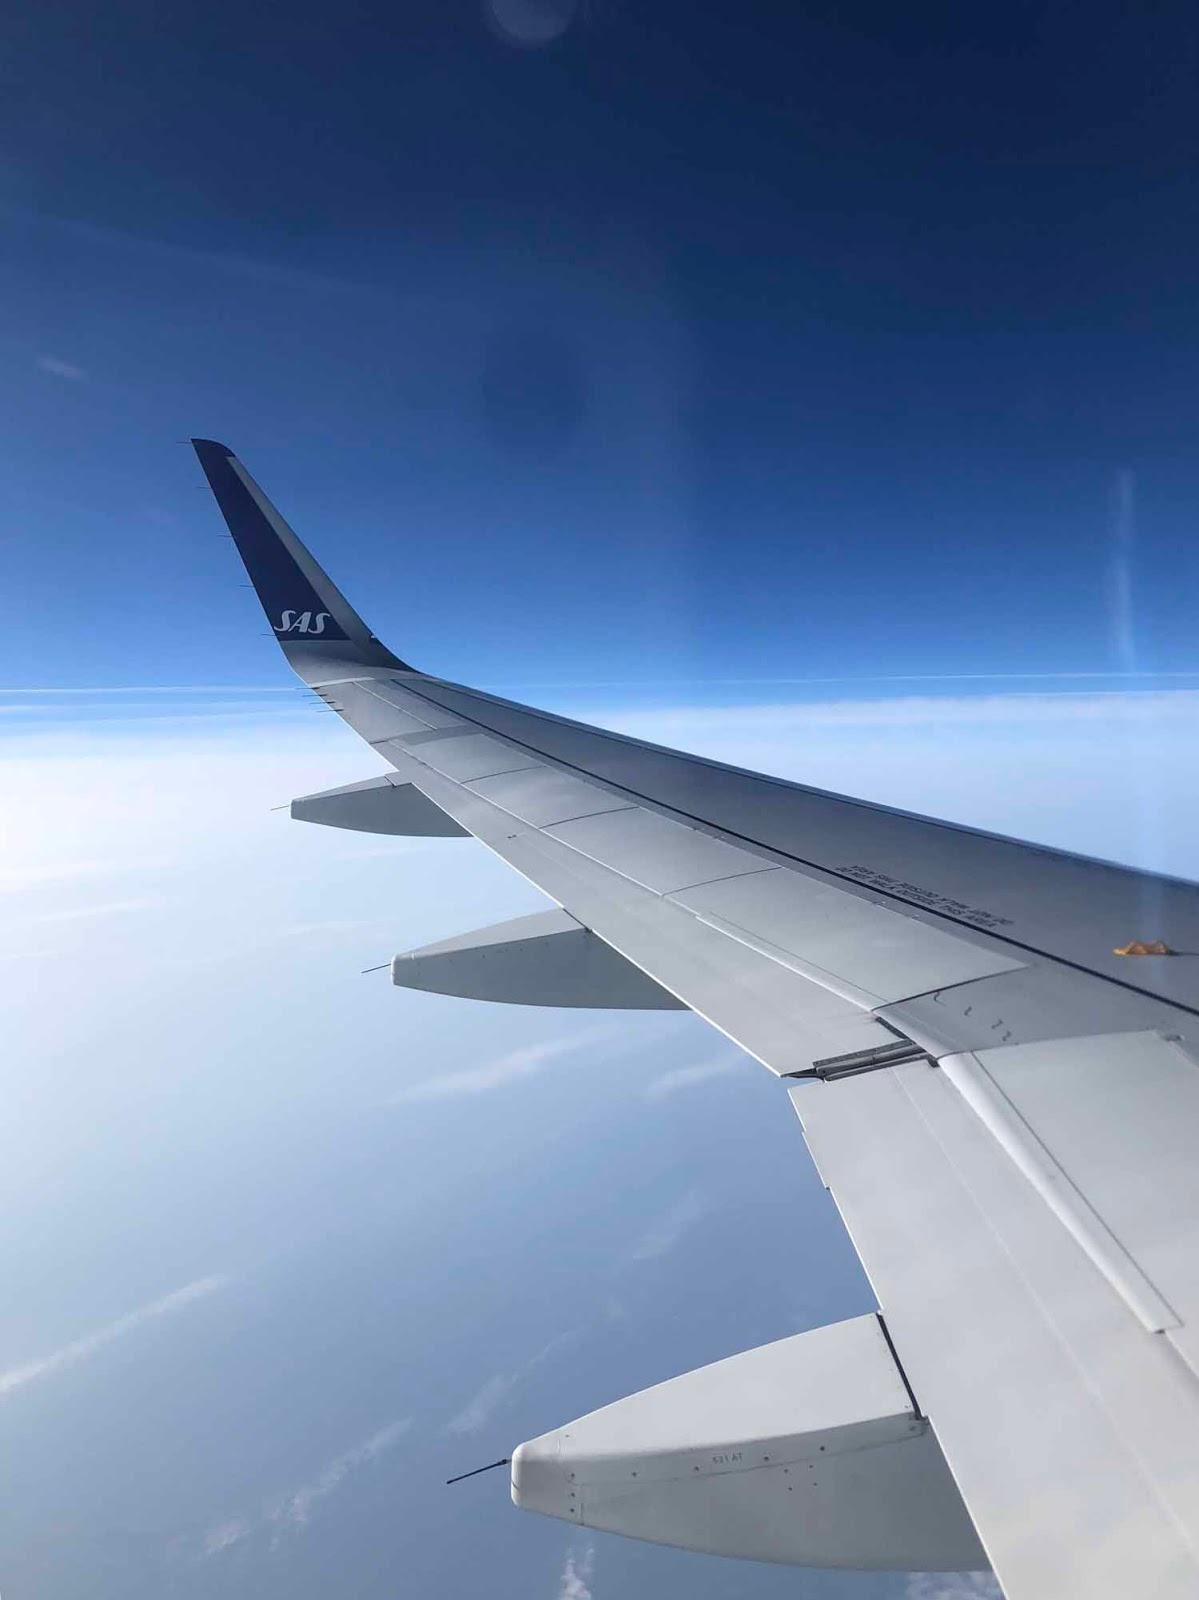 SAS lento lentokone airplane